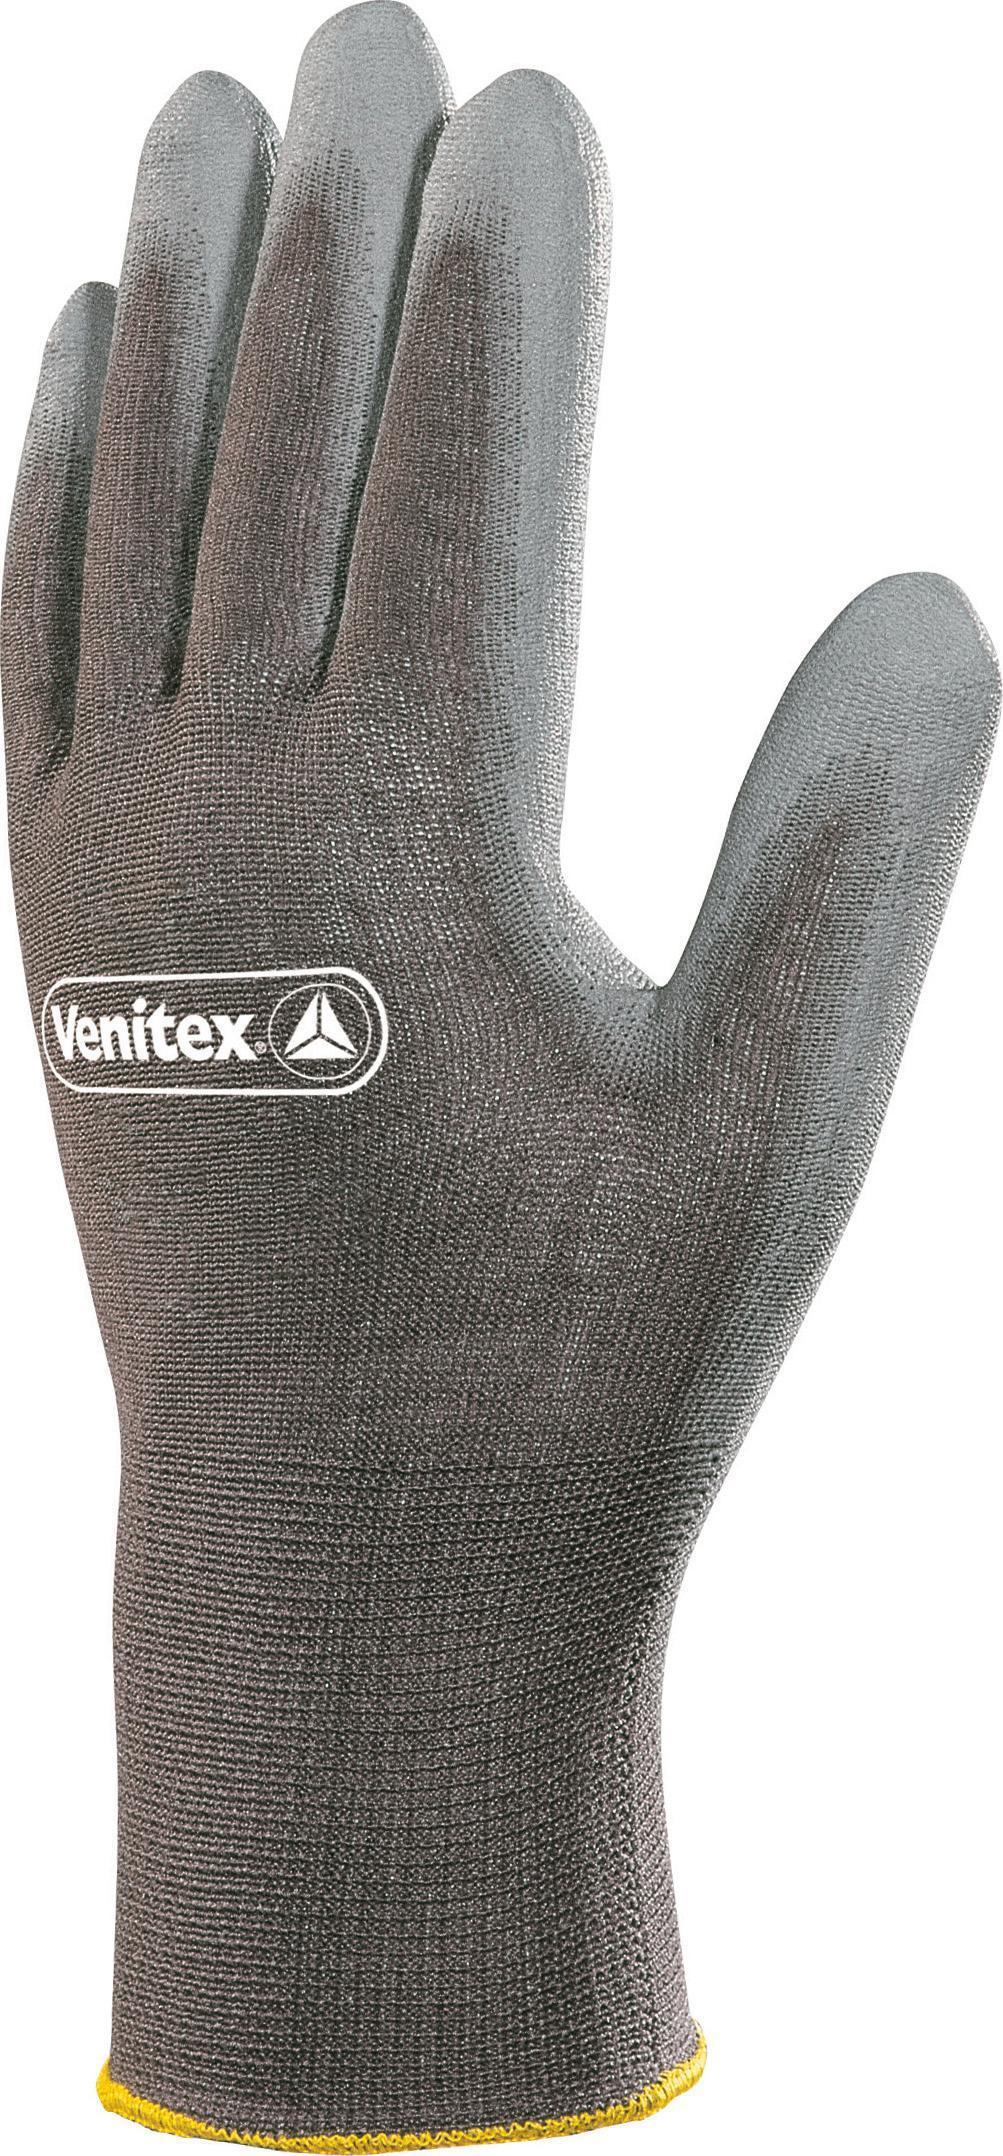 DELTA PLUS Rękawice VE702GR polamid/poliuretan rozmiar 9 VE702GR09 1